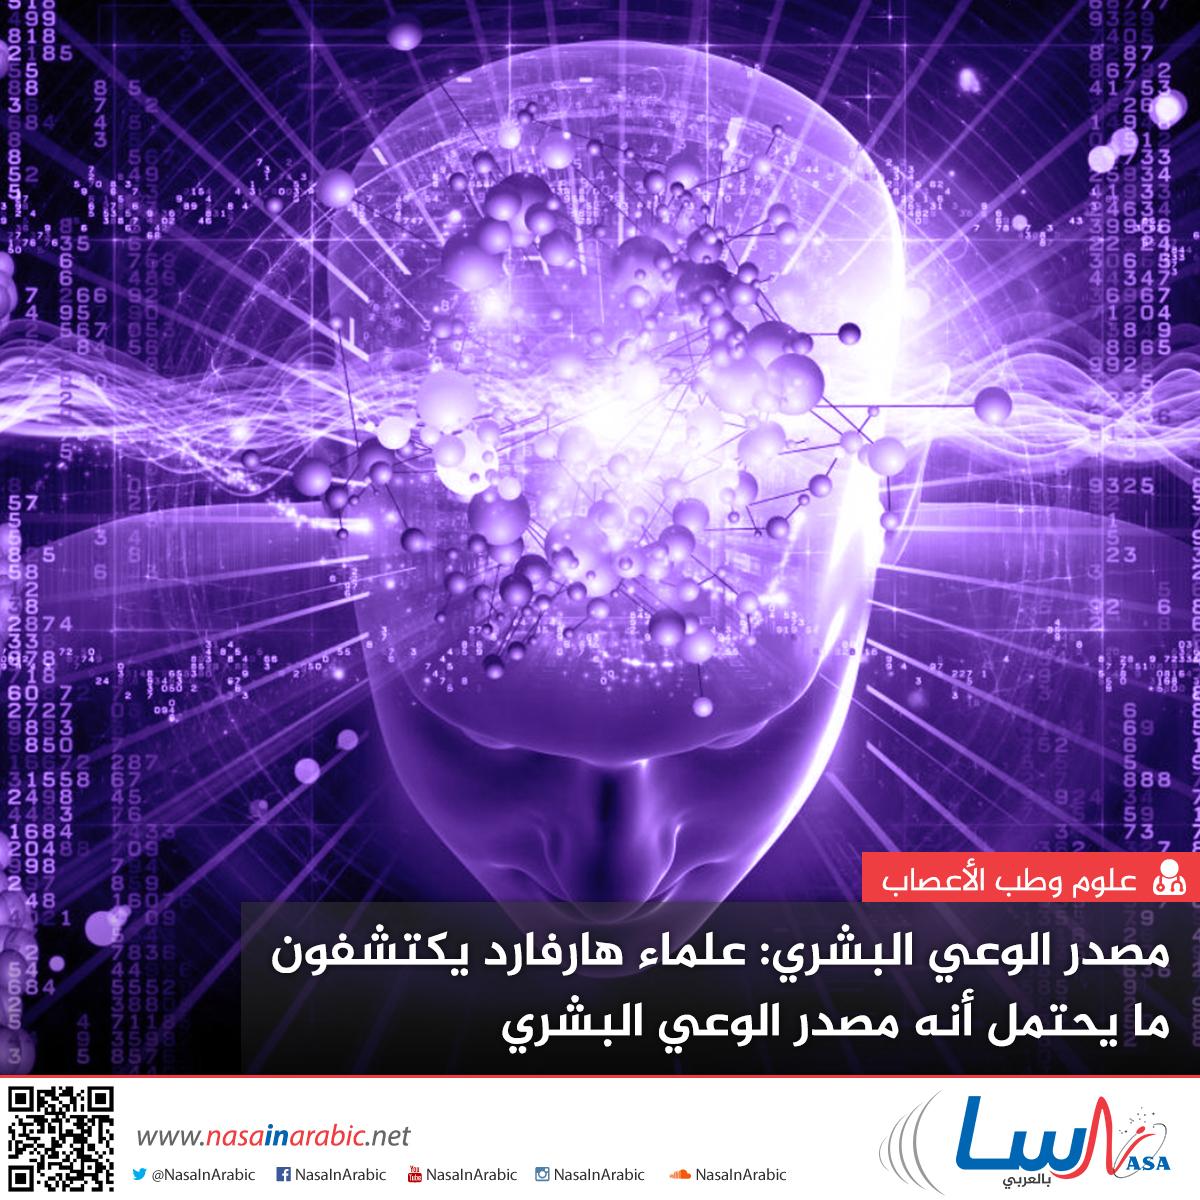 علماء هارفارد يكتشفون ما يحتمل أنه مصدر الوعي البشري